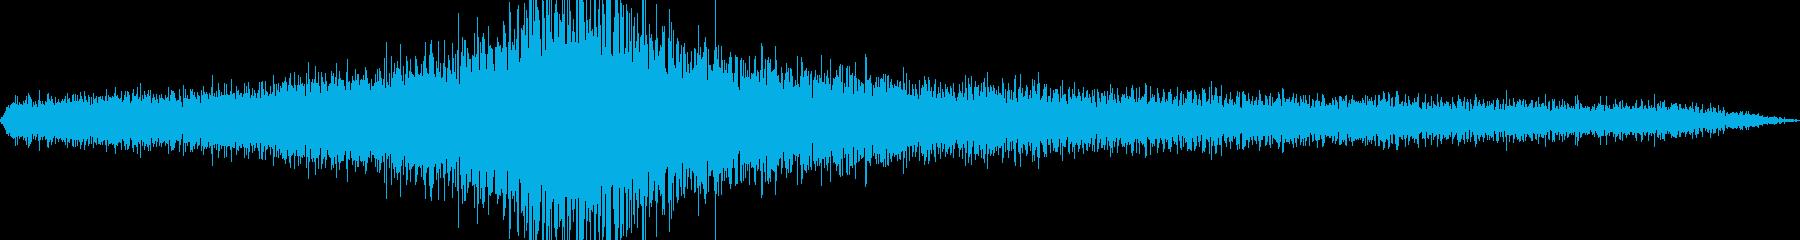 30 Mphのジープの再生済みの波形